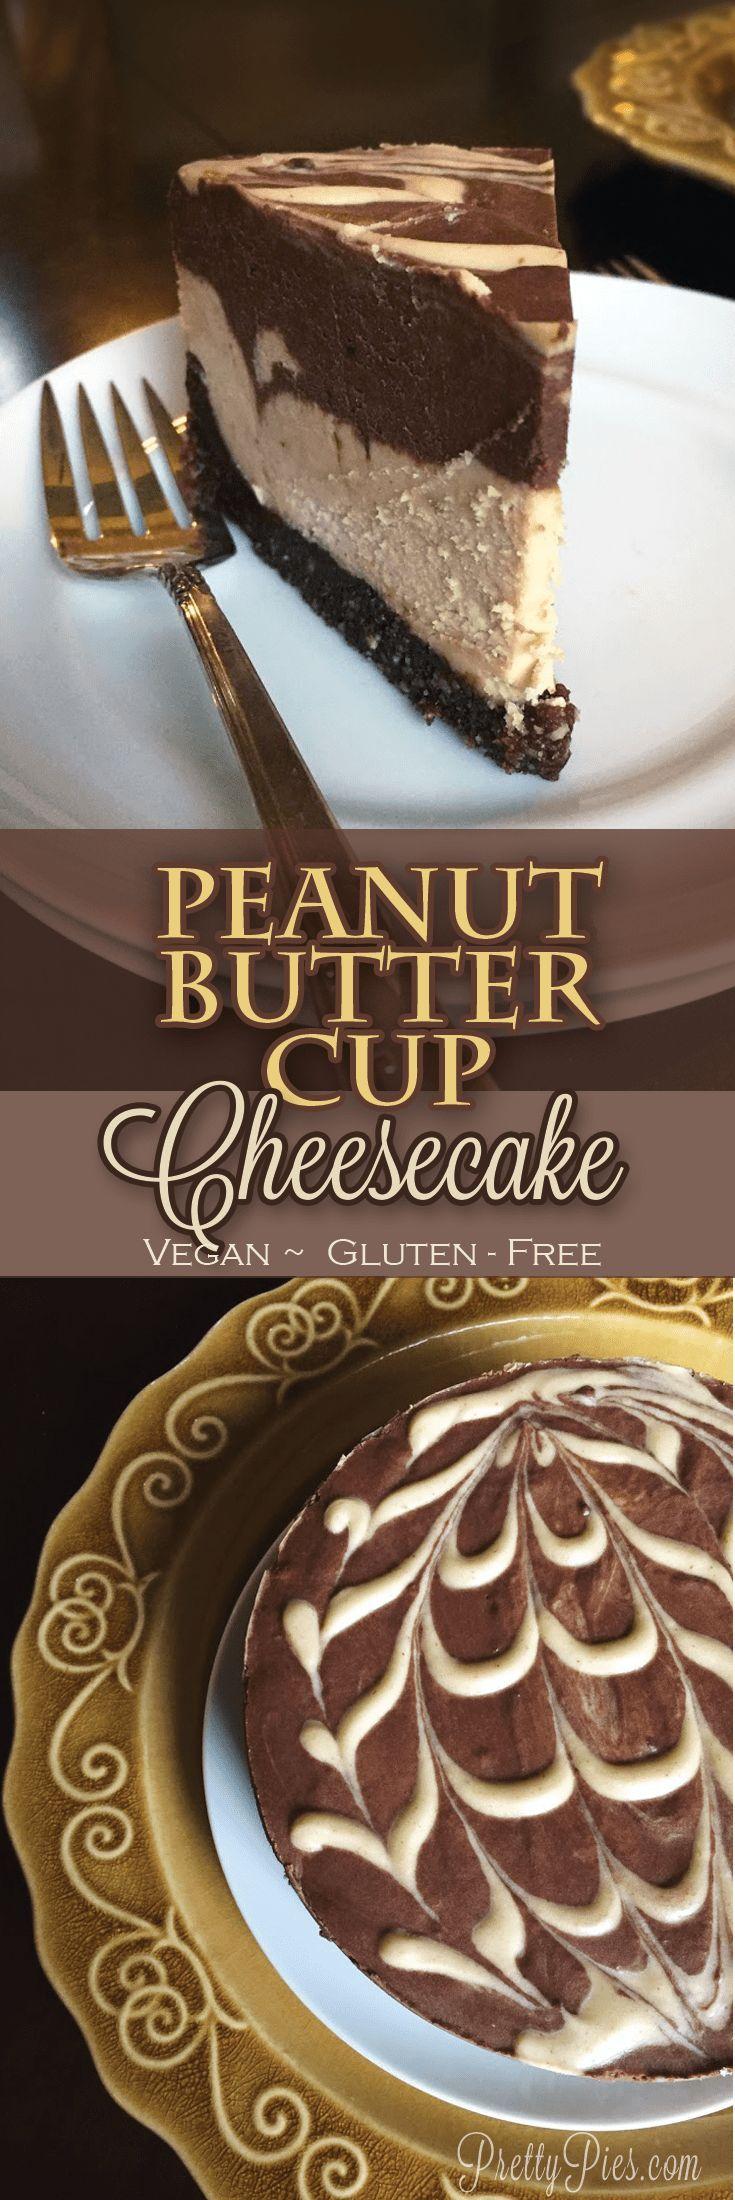 Peanut Butter Cup Cheesecake: Alle Aromen und Köstlichkeiten in einem milchfreien …